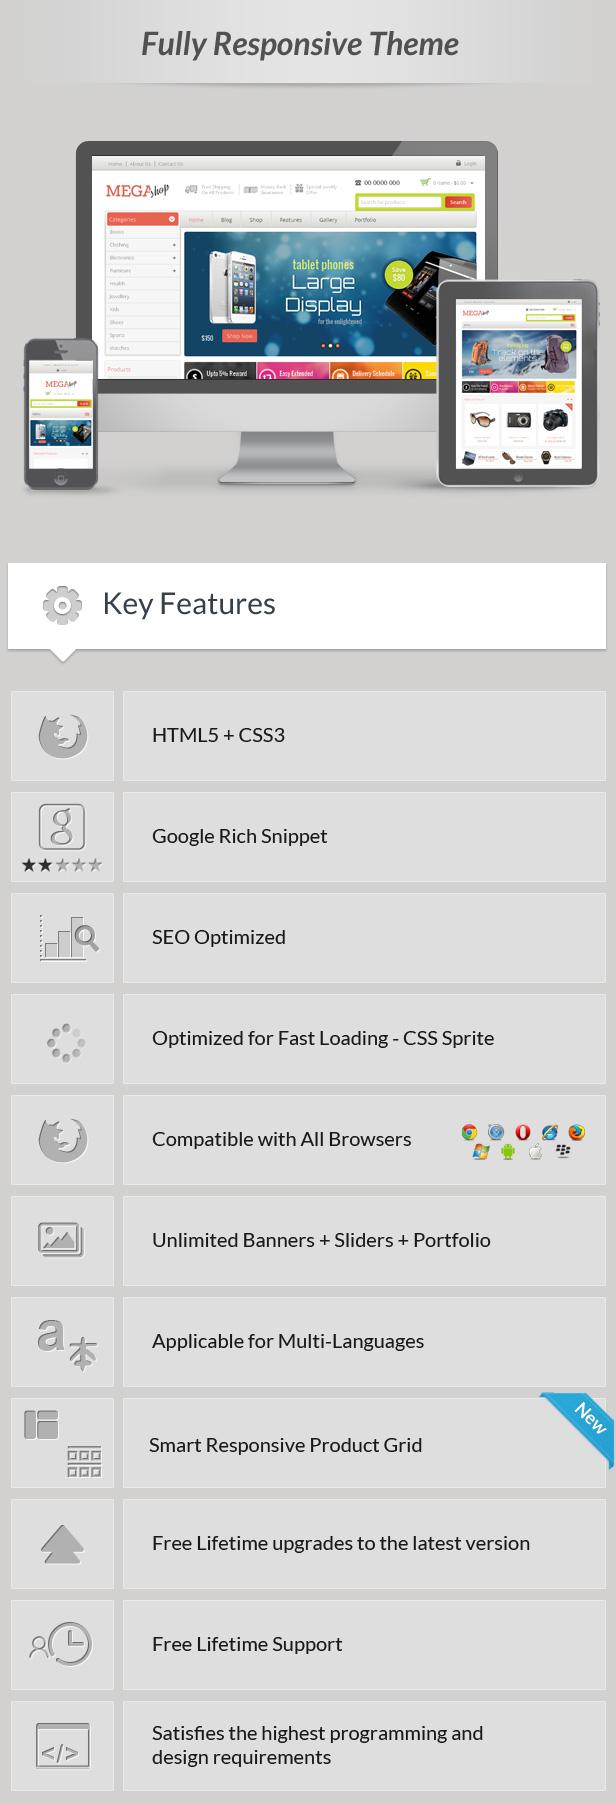 wcm010013_key_features